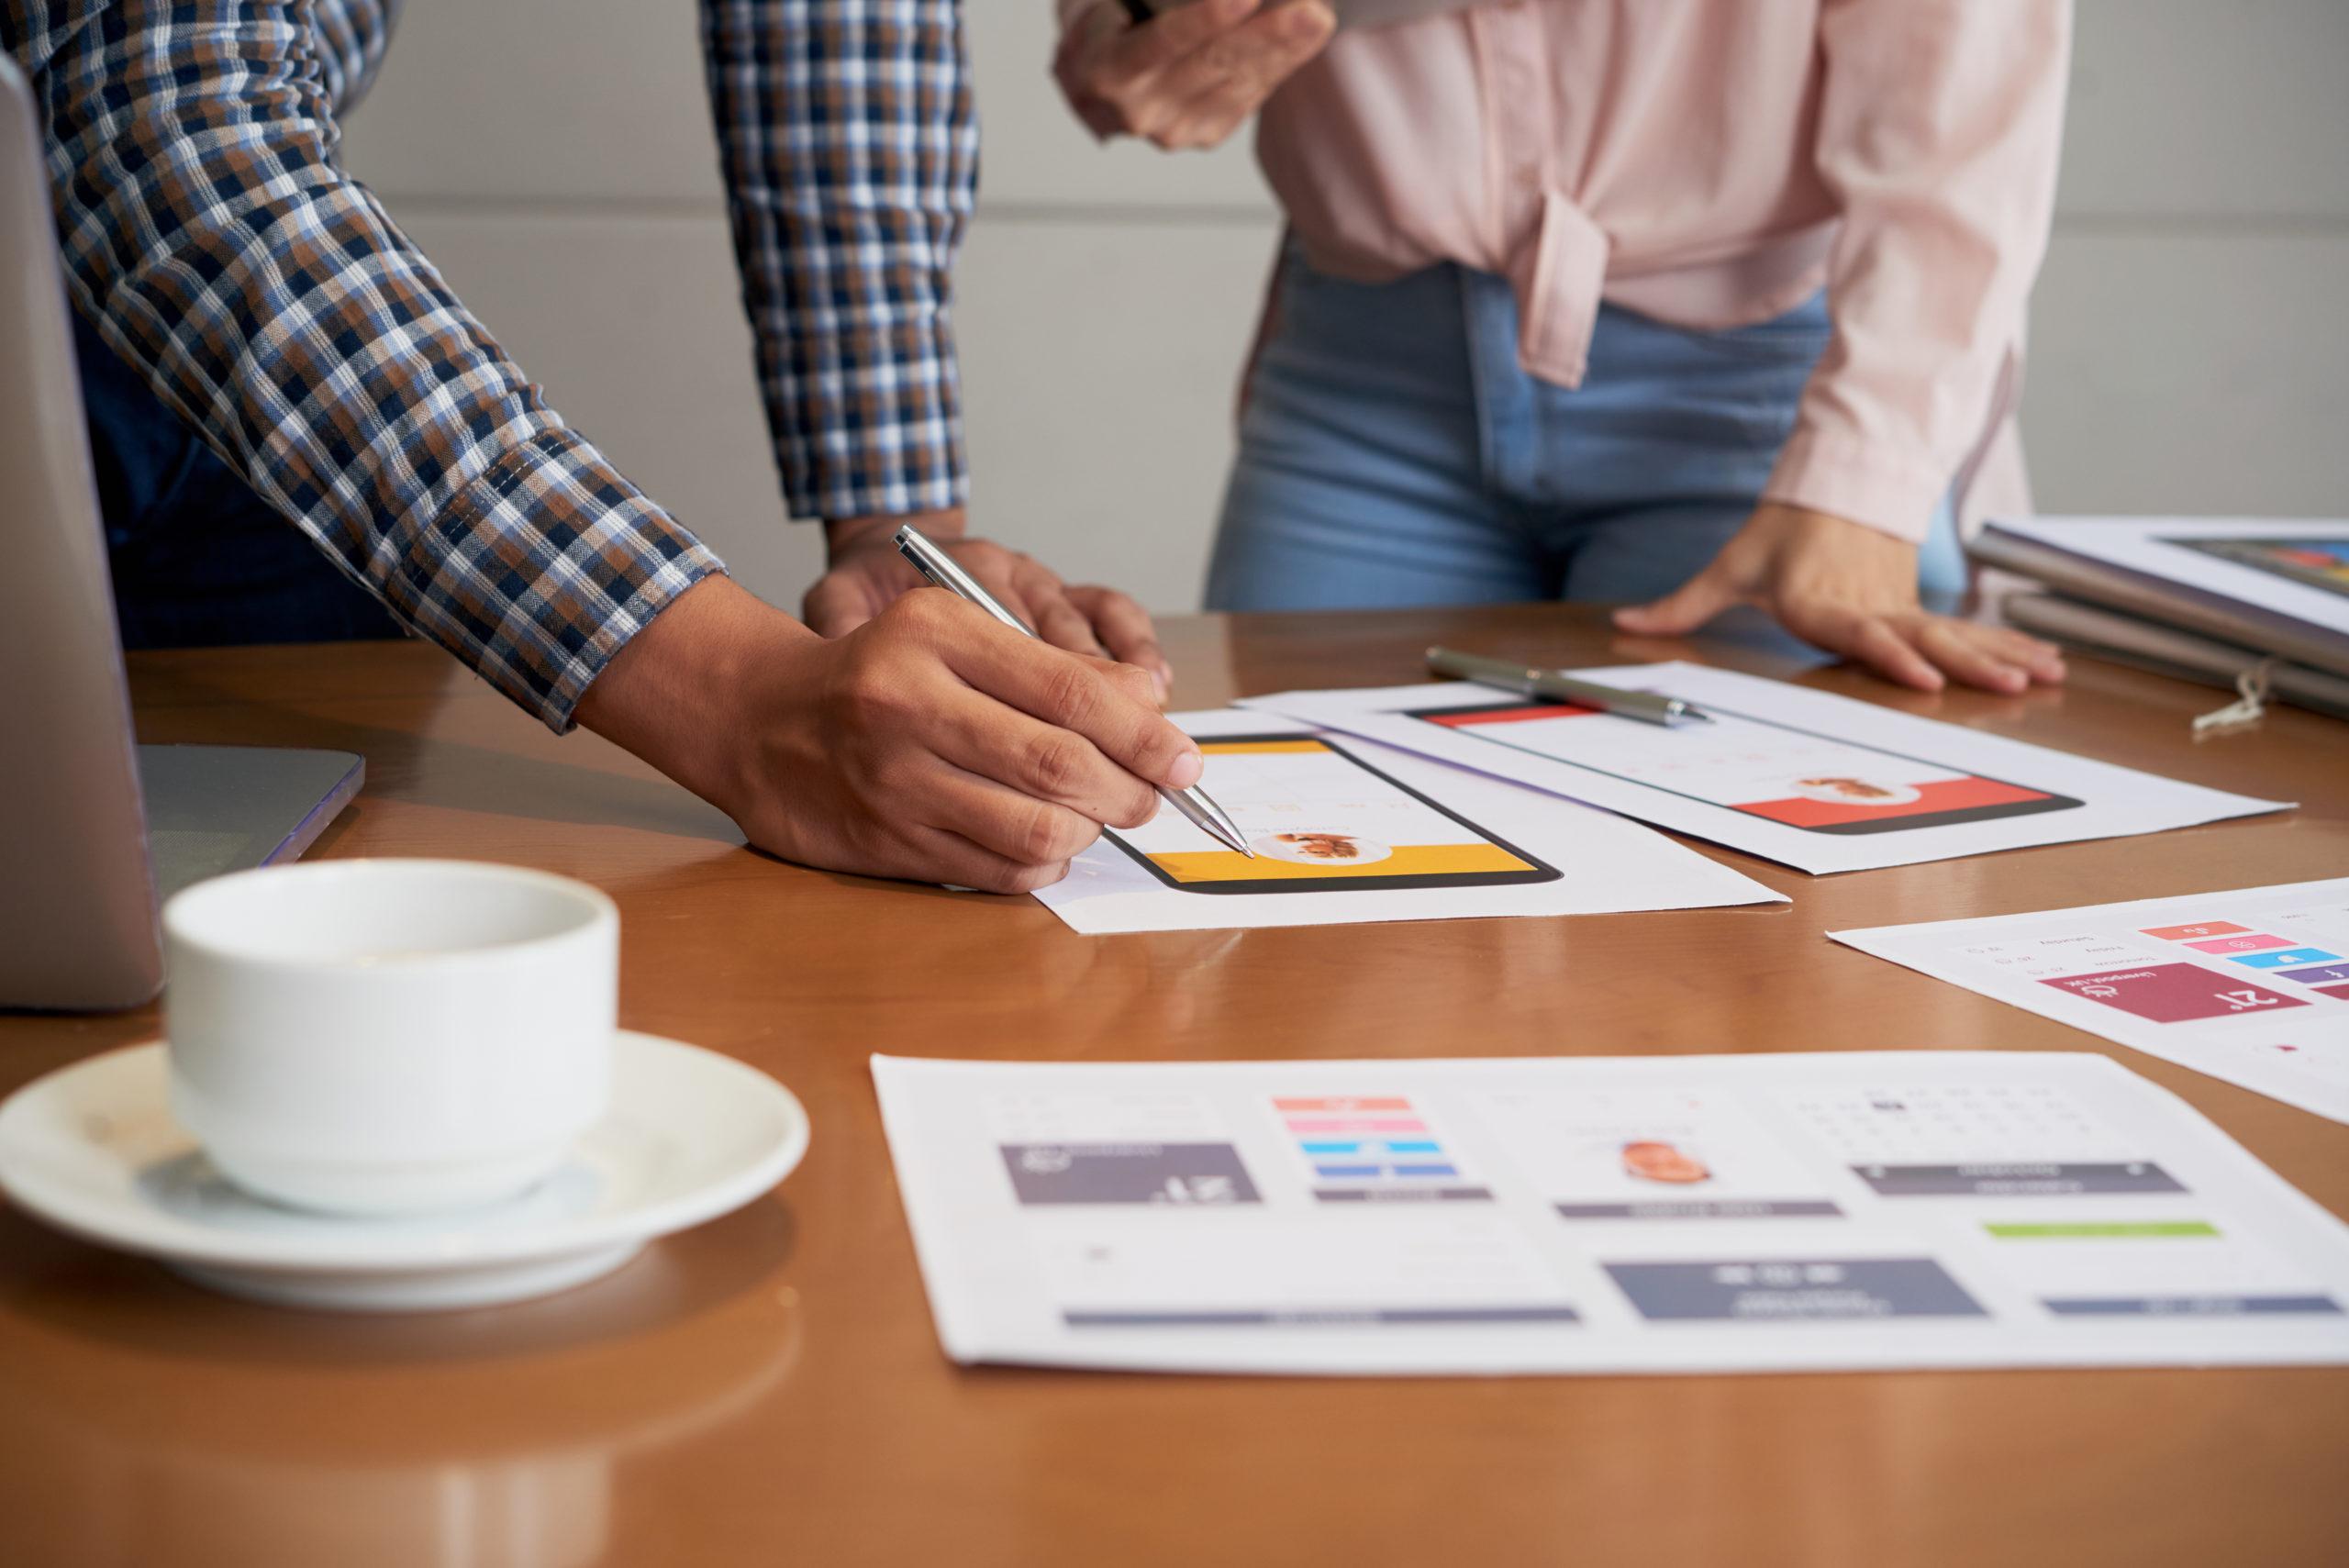 Personalidad de marca: dale una experiencia inolvidable a tus usuarios